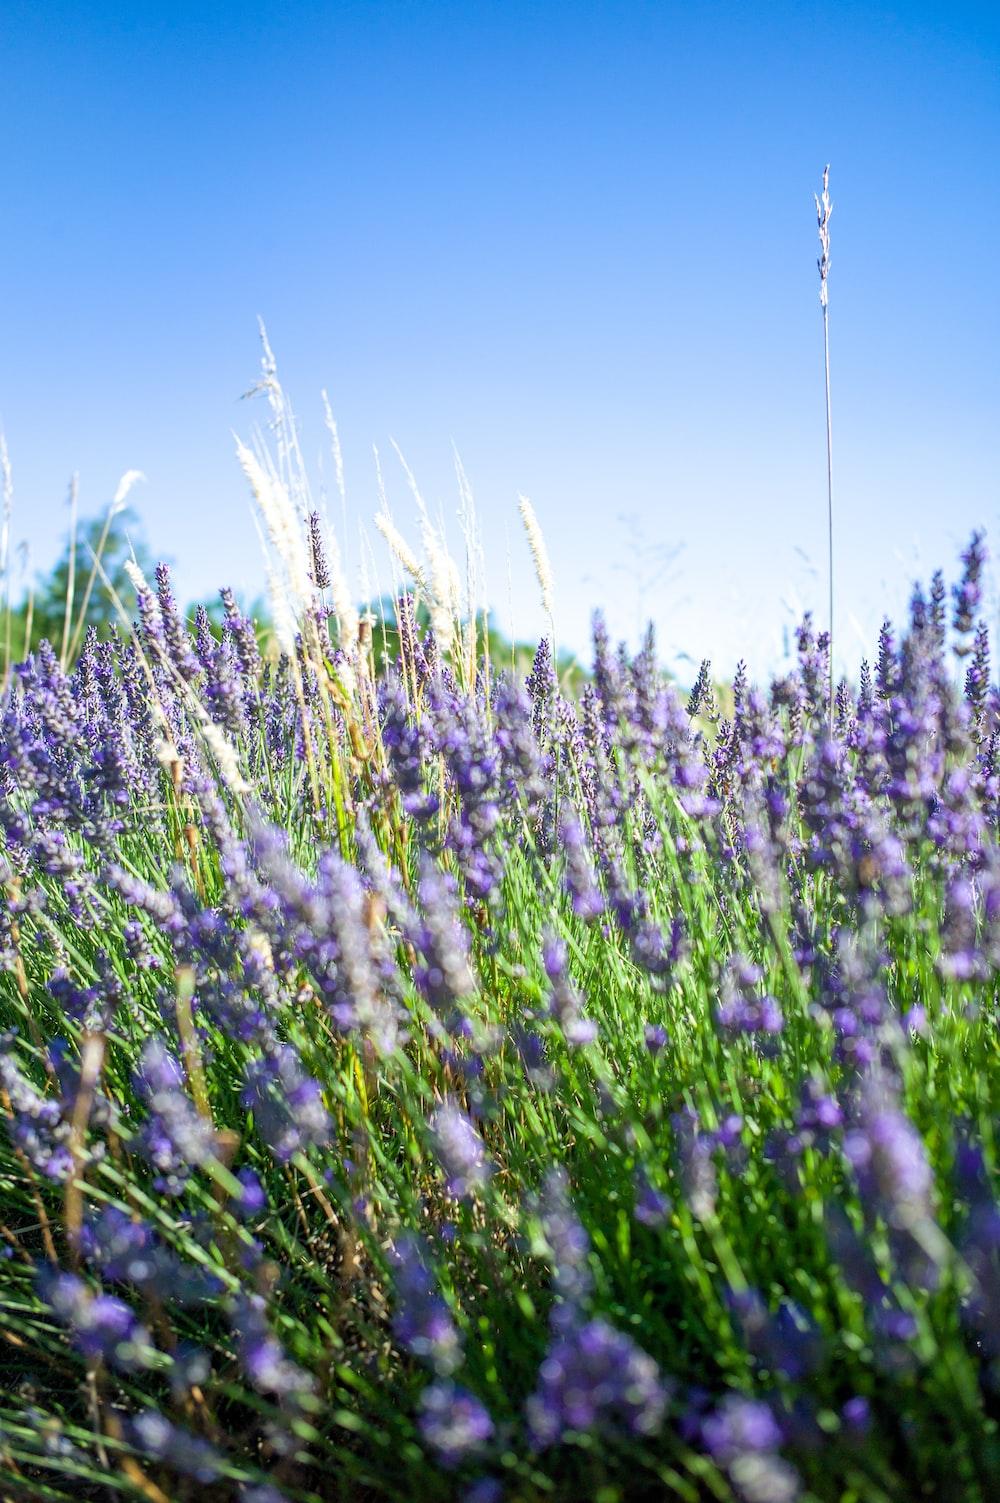 purple flower field under blue sky during daytime